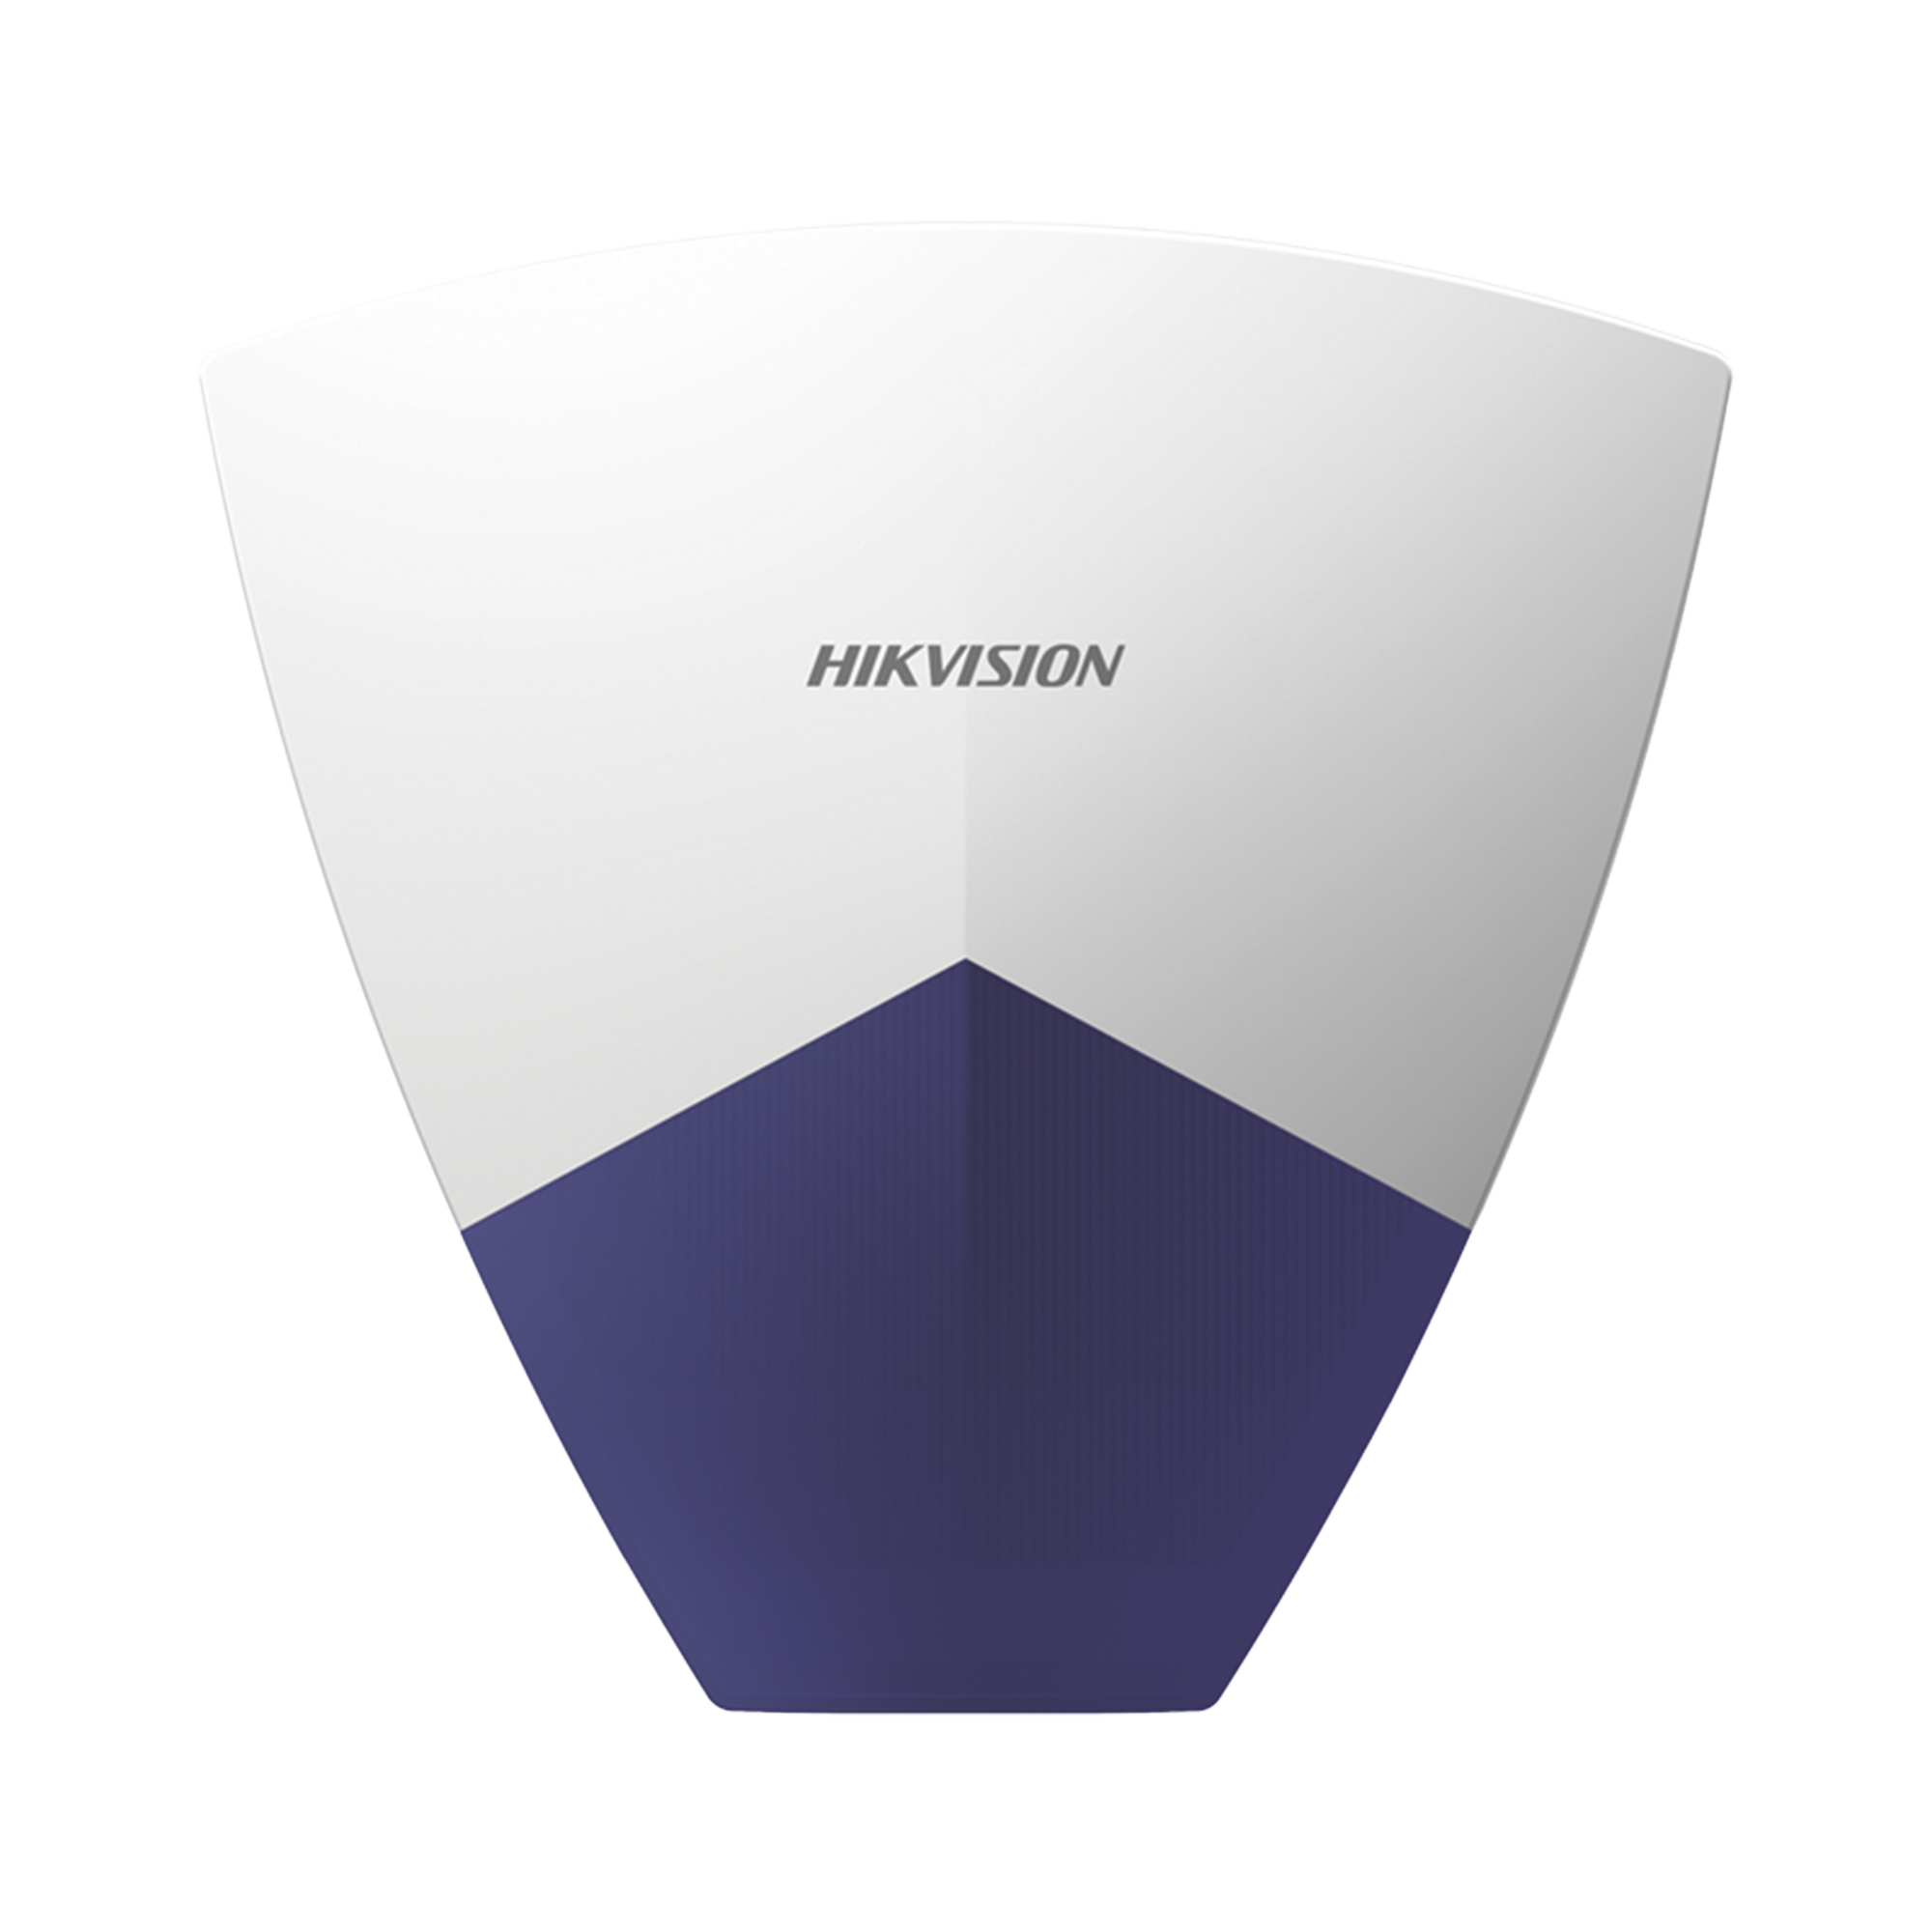 (AX HUB) Sirena Inalámbrica con Estrobo para Exterior / Compatible con Panel de Alarma HIKVISION / 110 dB